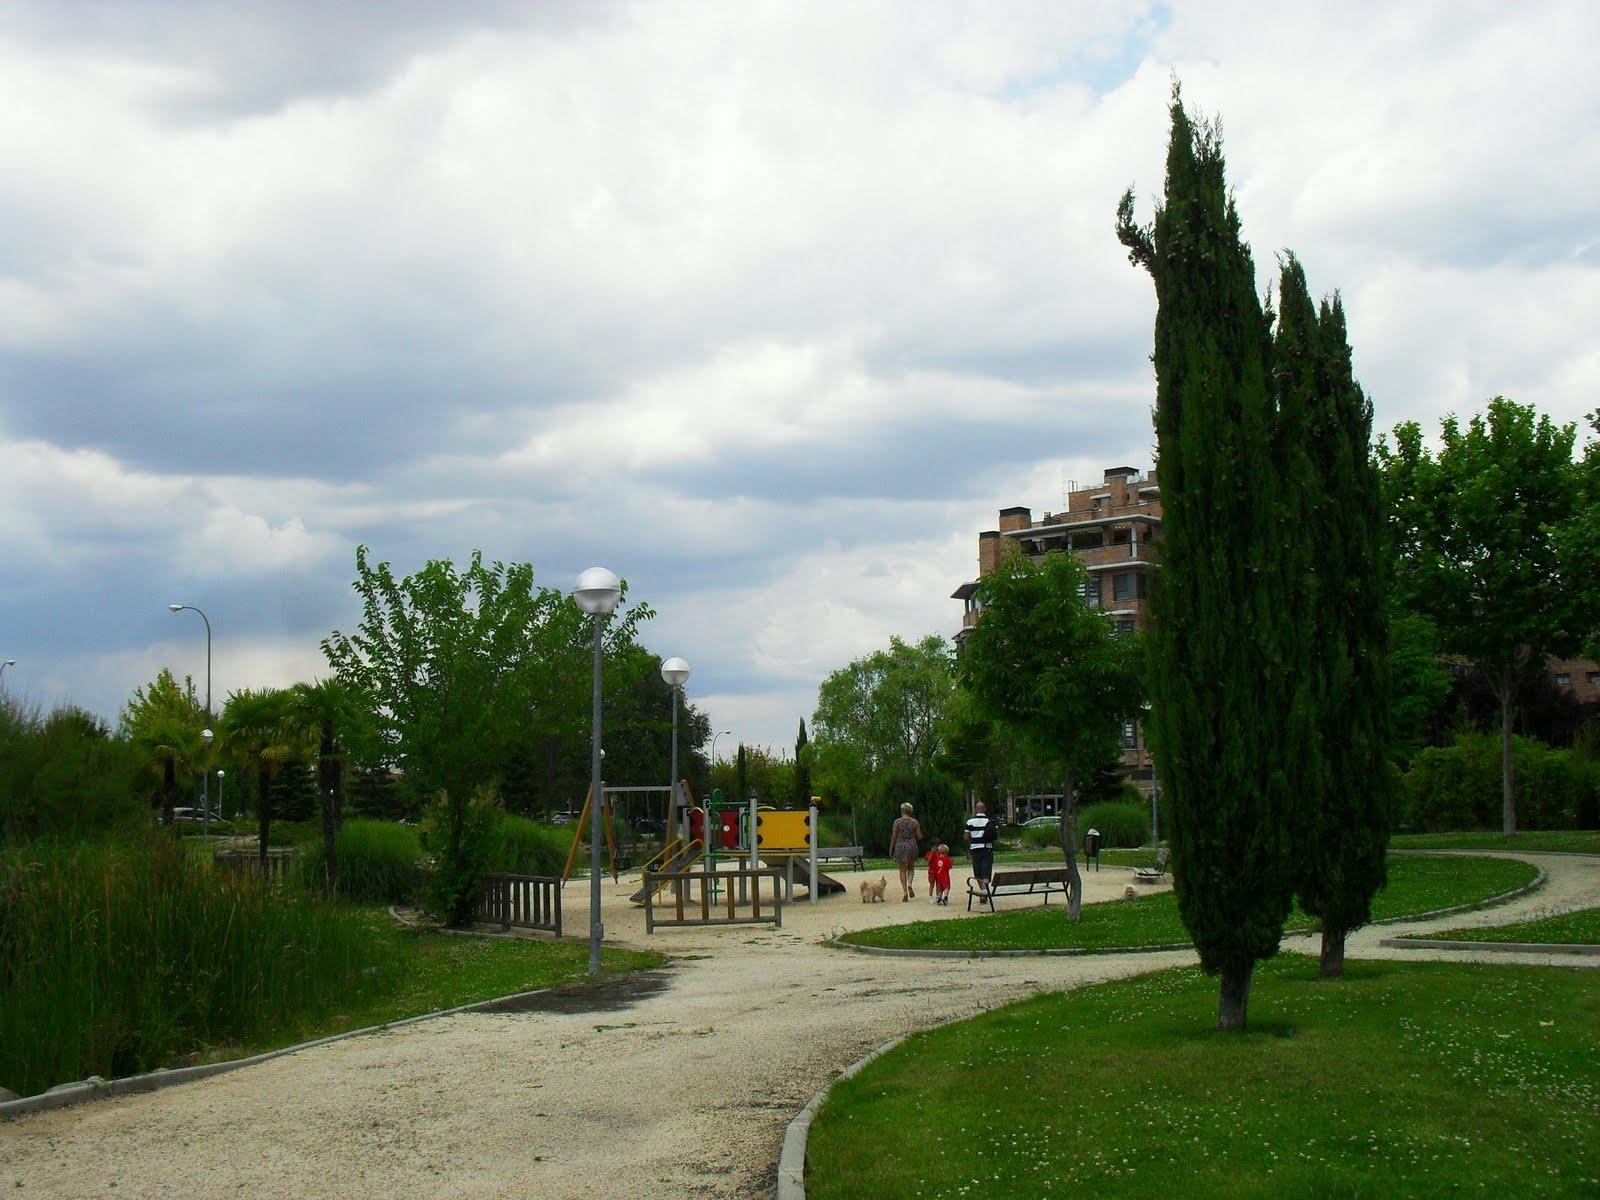 Arte y jardiner a perfecto uso de la curva en dise o - Paisajistas en madrid ...